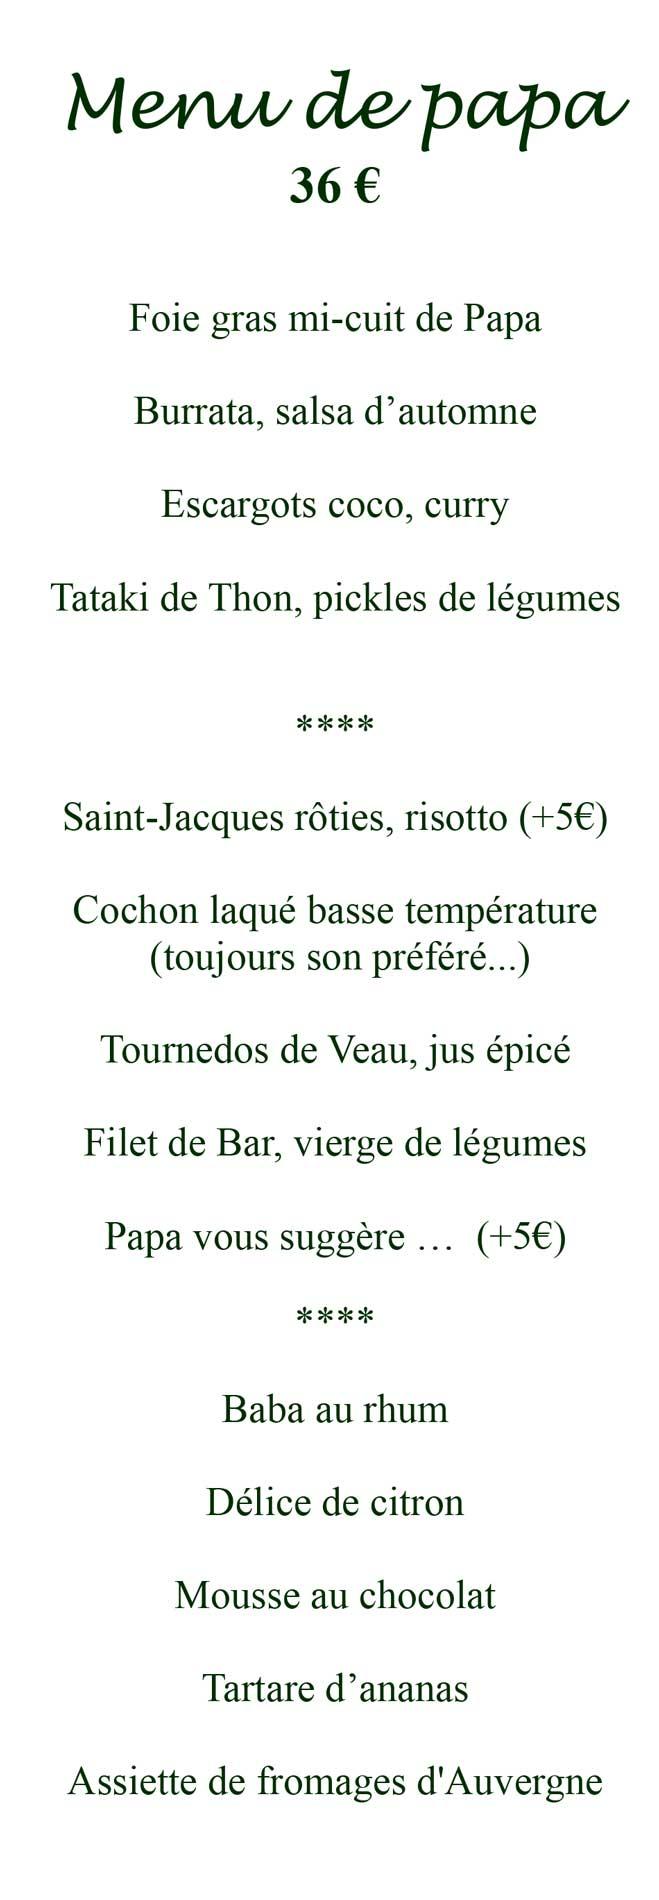 menu de papa samedi soir